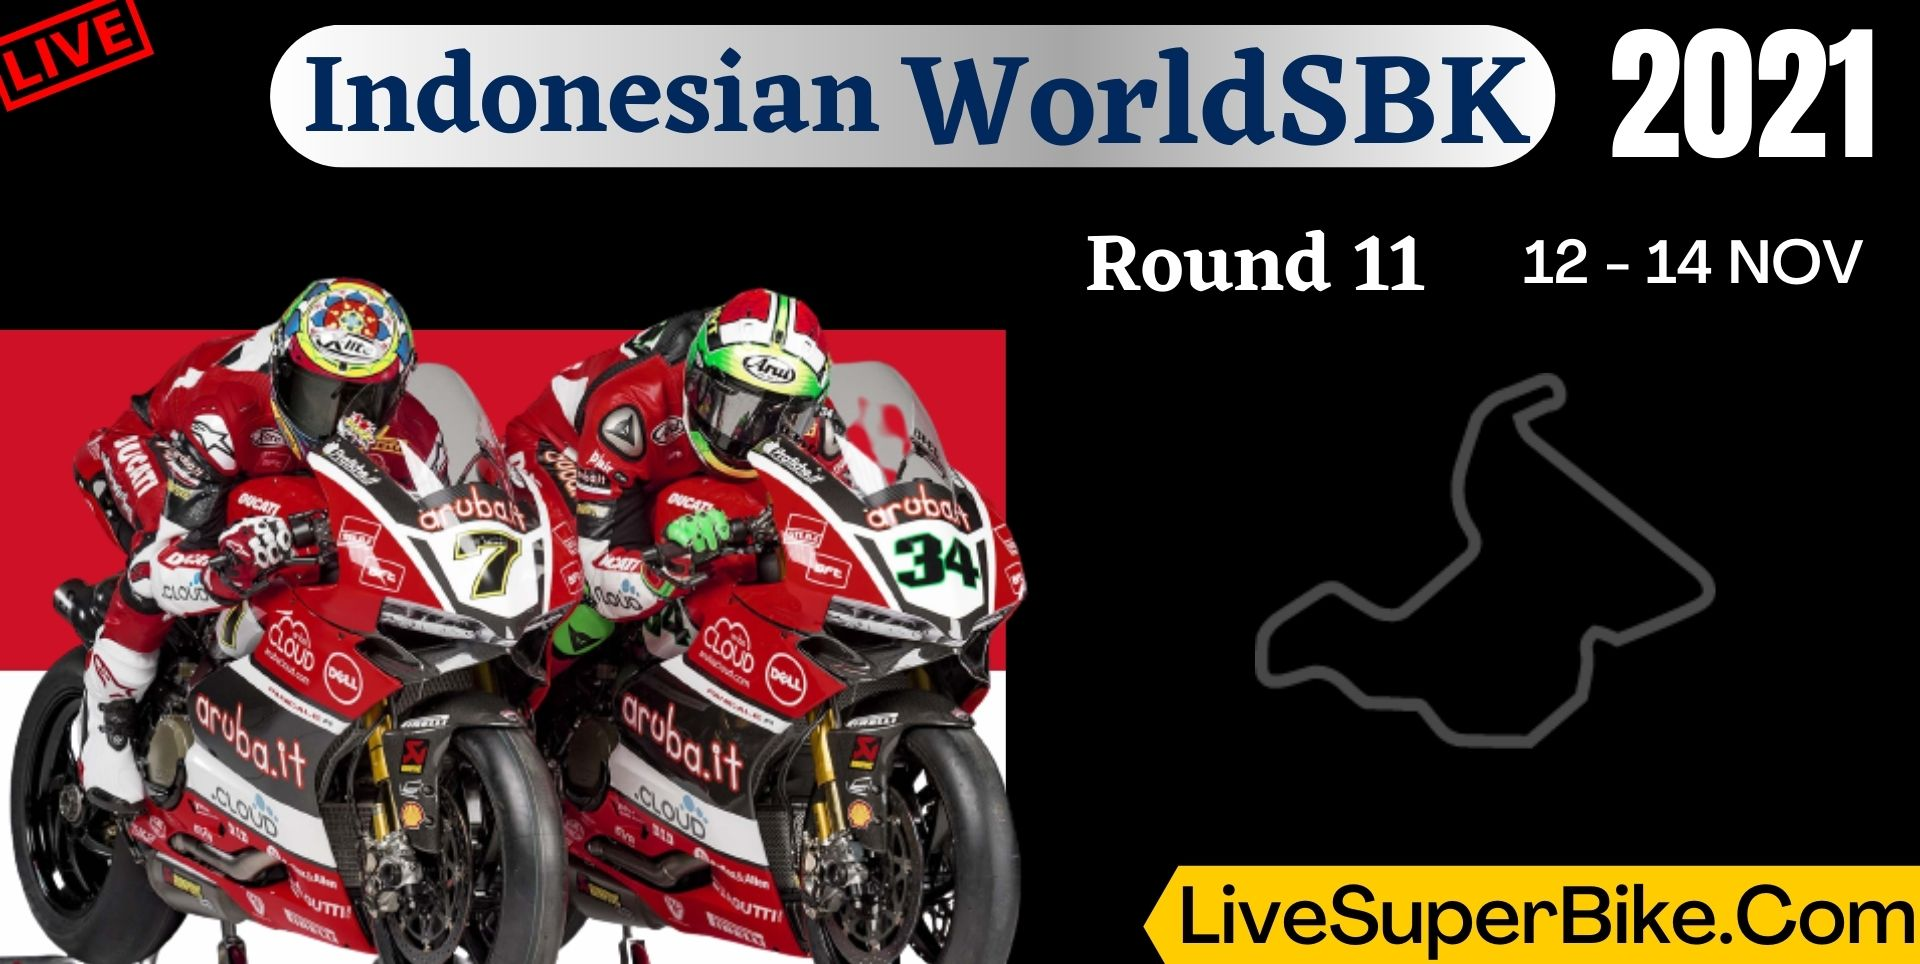 Indonesian Round 11 Live Stream 2021 | WorldSBK